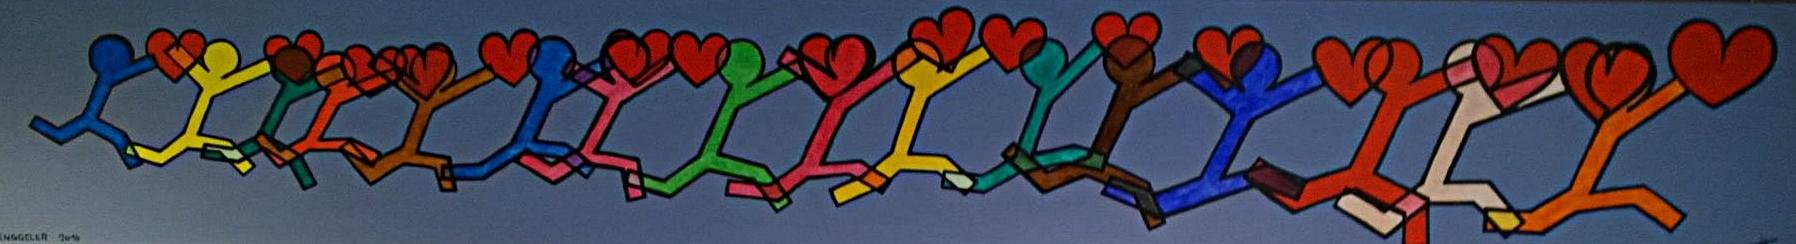 RUN FOR LOVE (cours pour l'amour)  acrylique sur toile, 240x35cm  2'100 euros